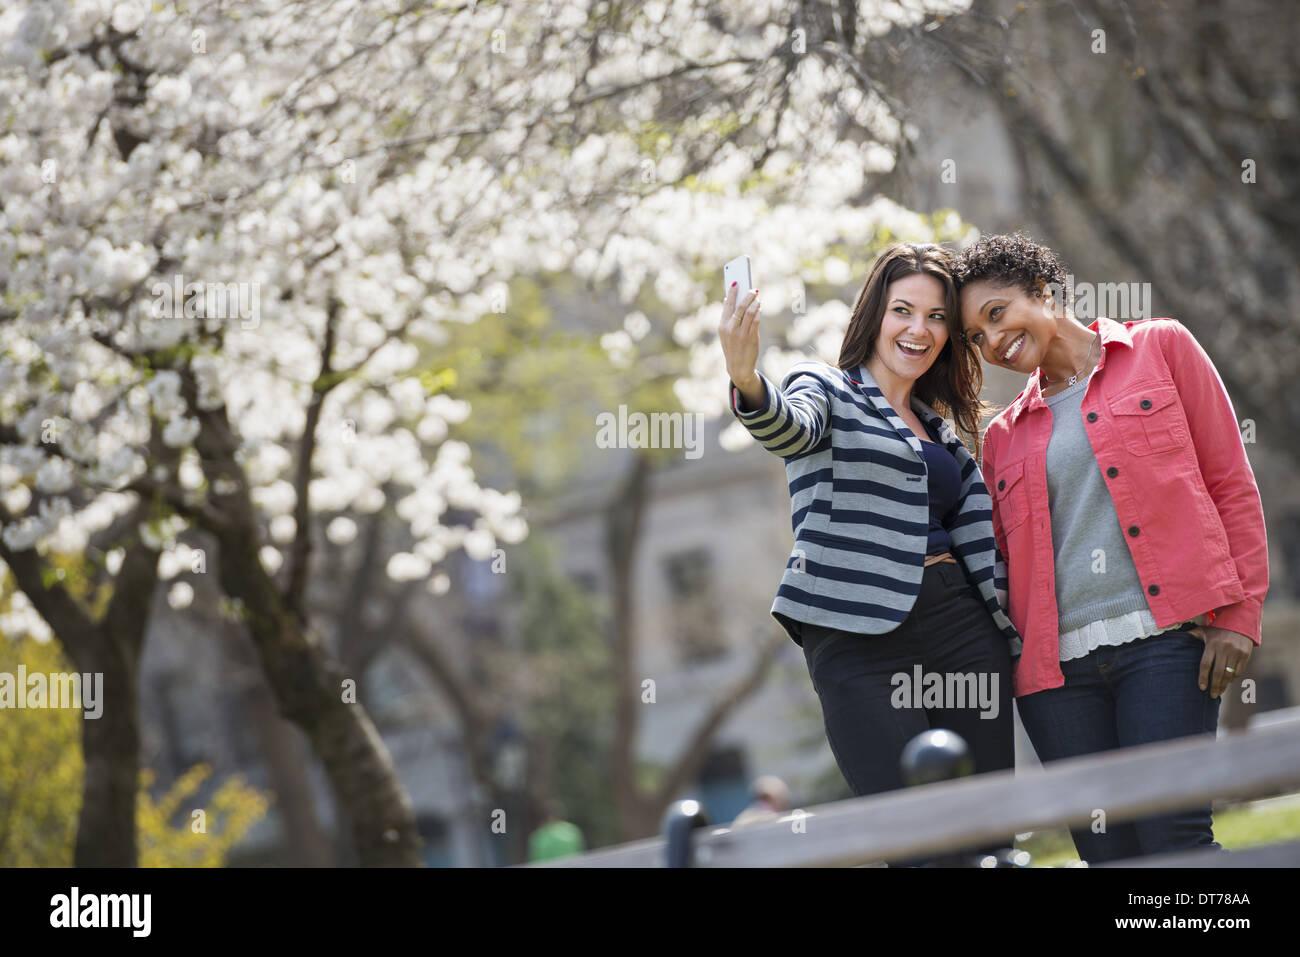 El tiempo de primavera. Parque de la ciudad de Nueva York. Una joven mujer sosteniendo un teléfono para tomar una Foto de stock